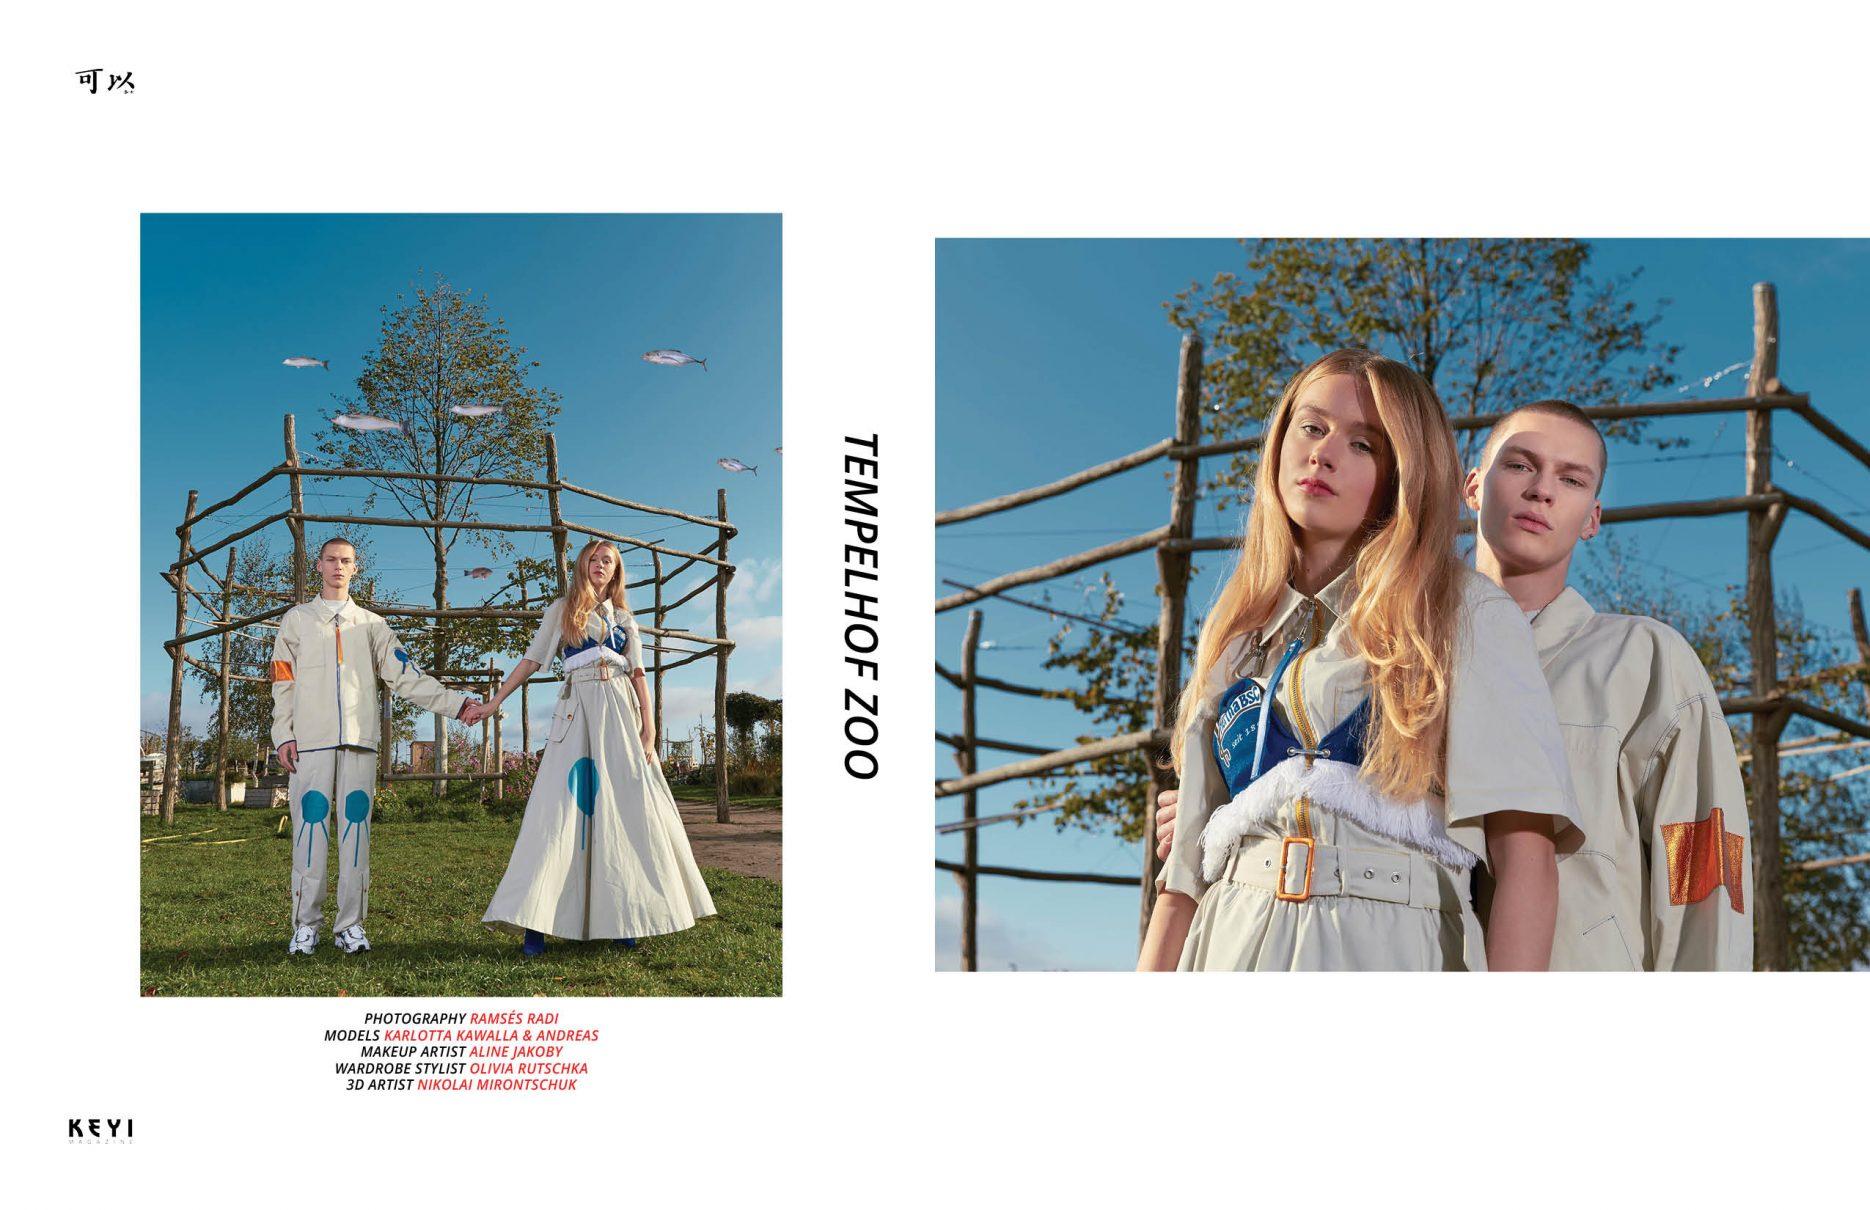 photoshoot for keyimagazine